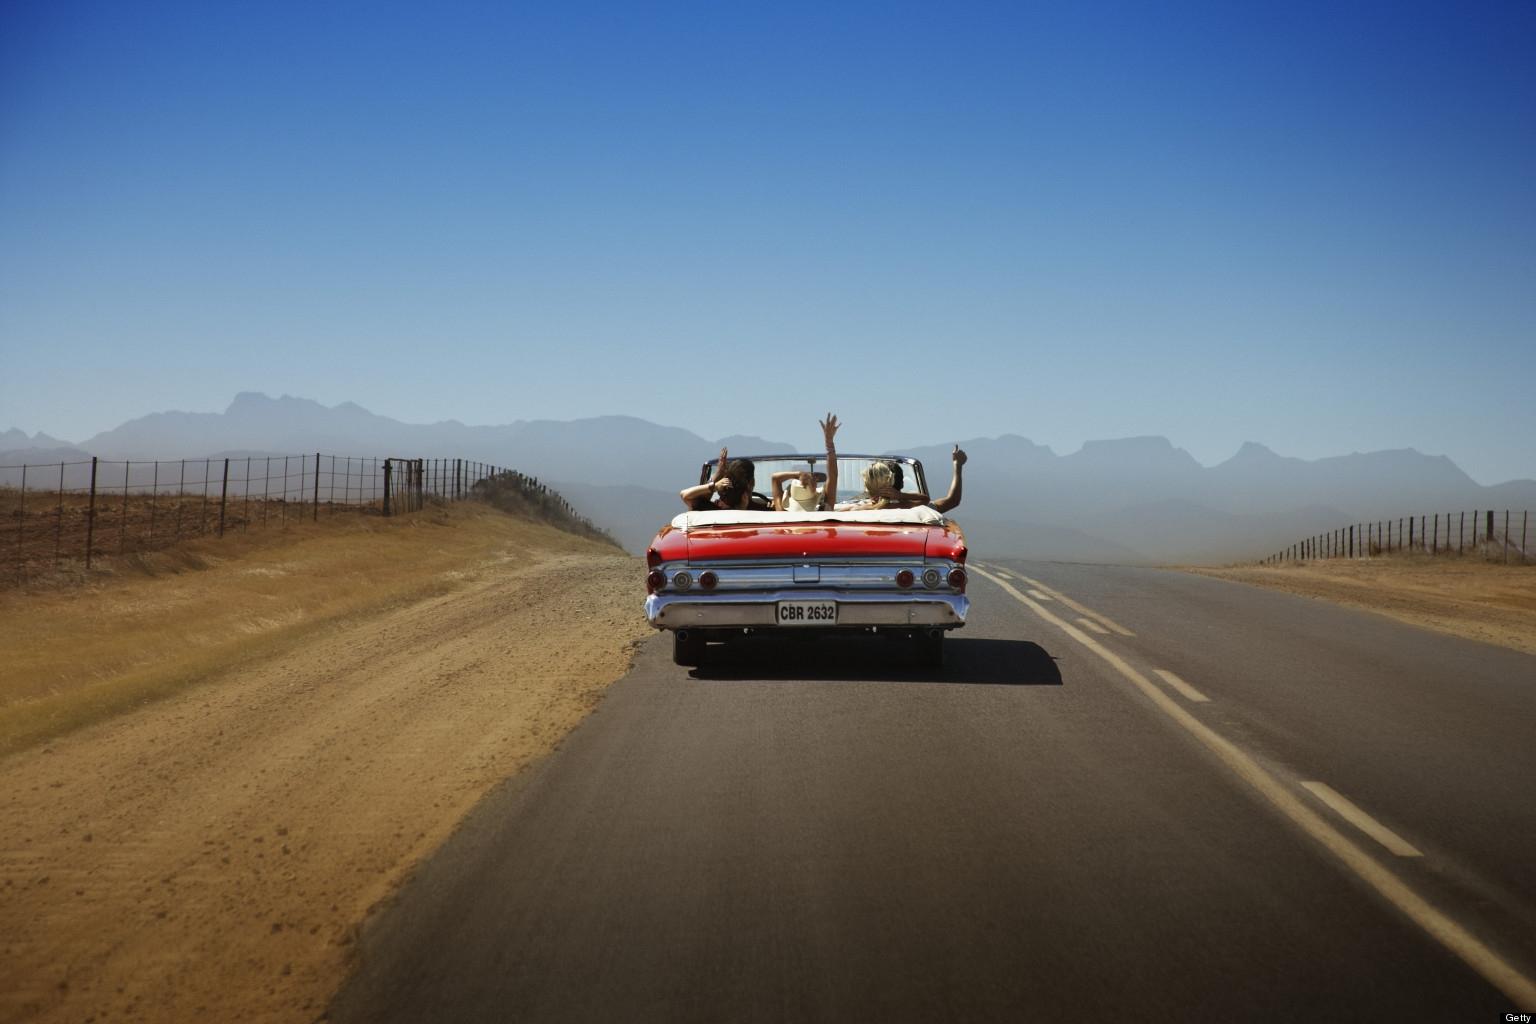 В далекие края: как подготовиться к путешествию на автомобиле